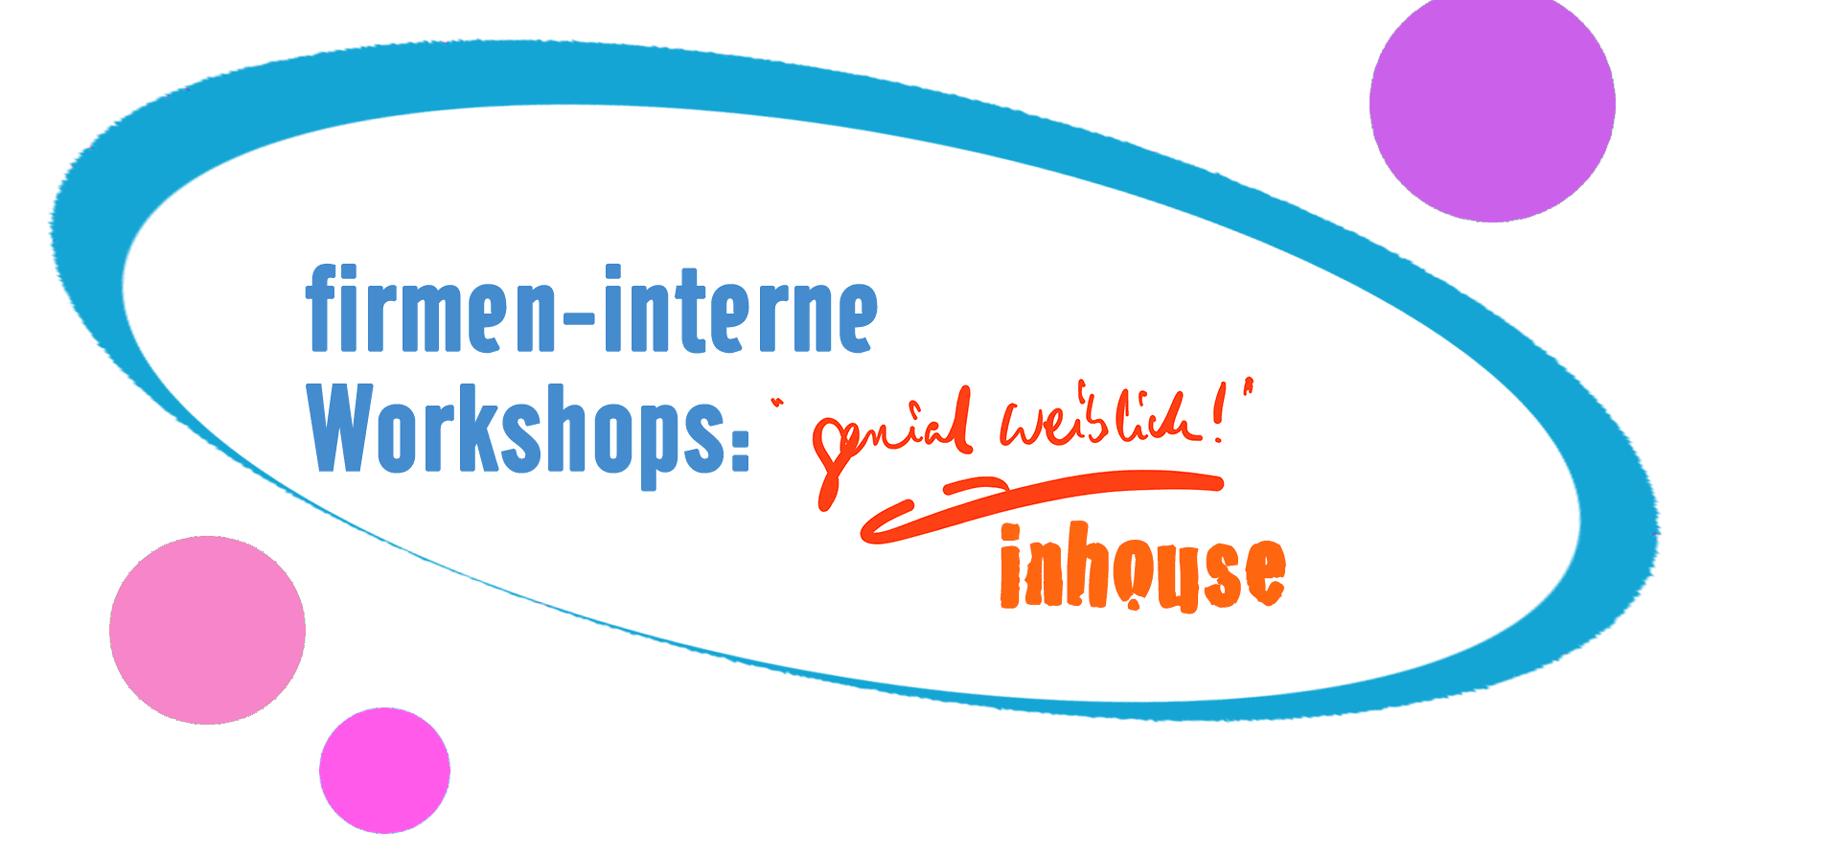 """firmen-interne Workshops: """"genial weiblich!"""" inhouse"""